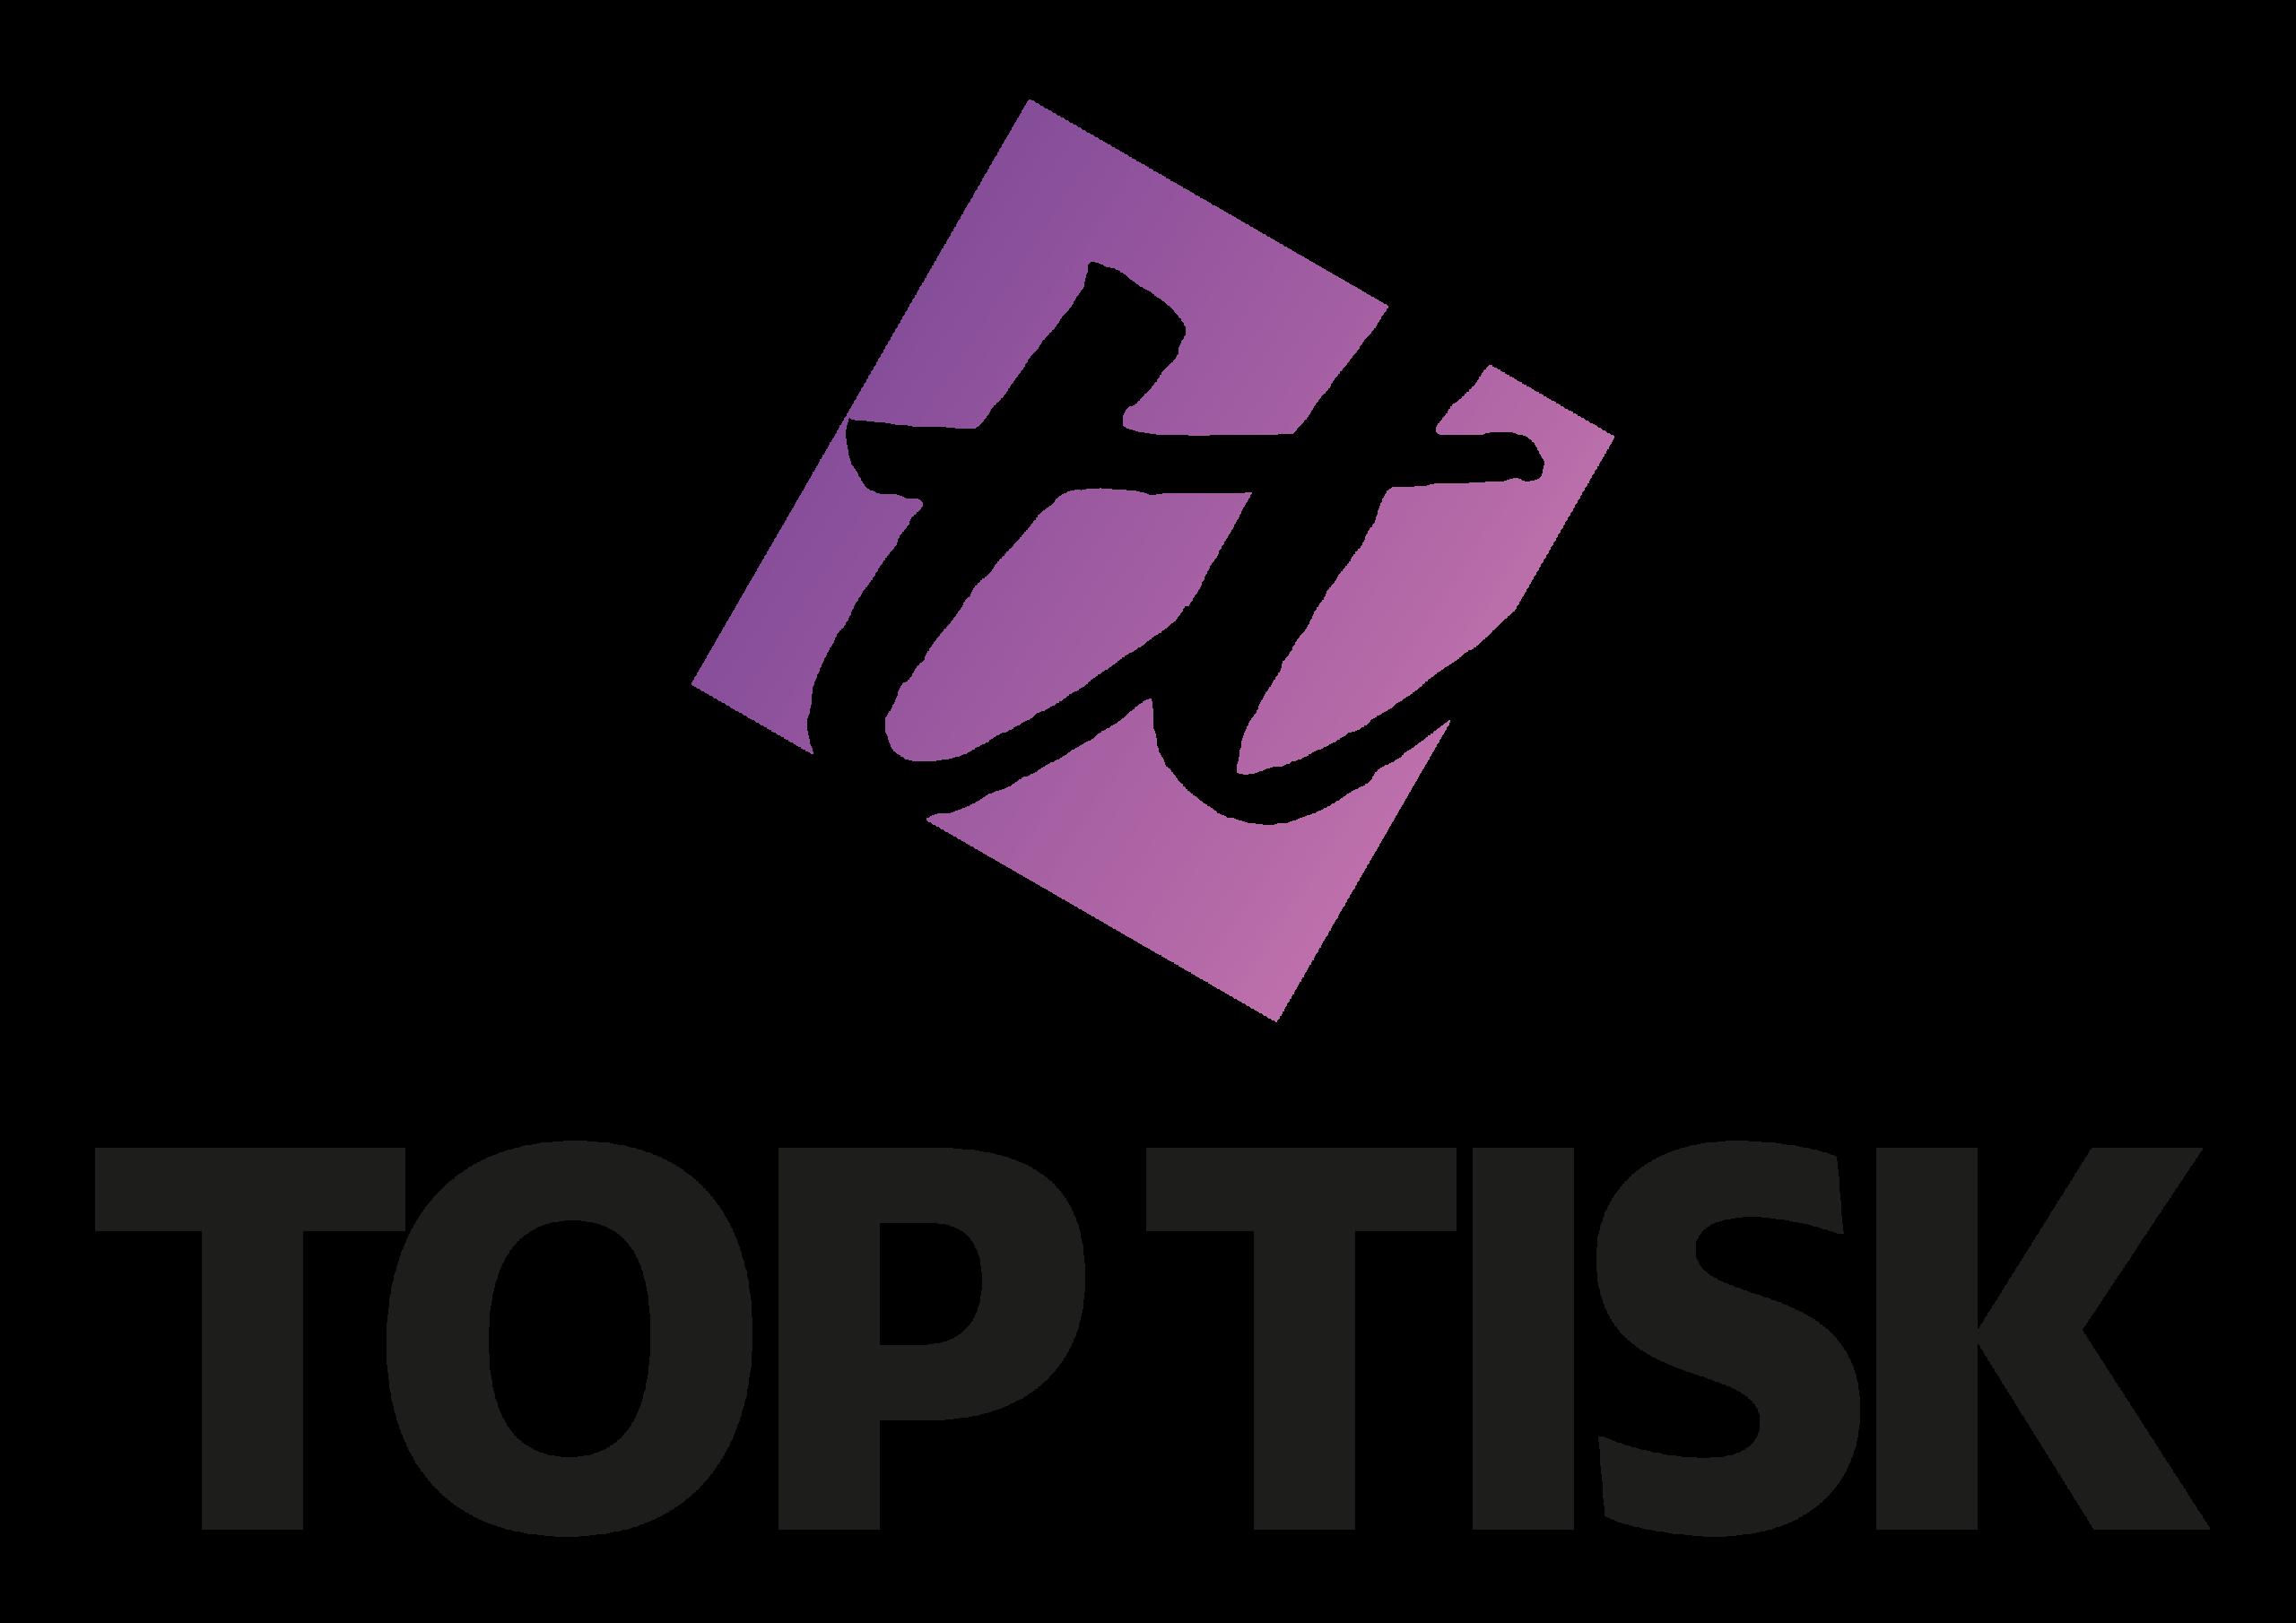 Top Tisk